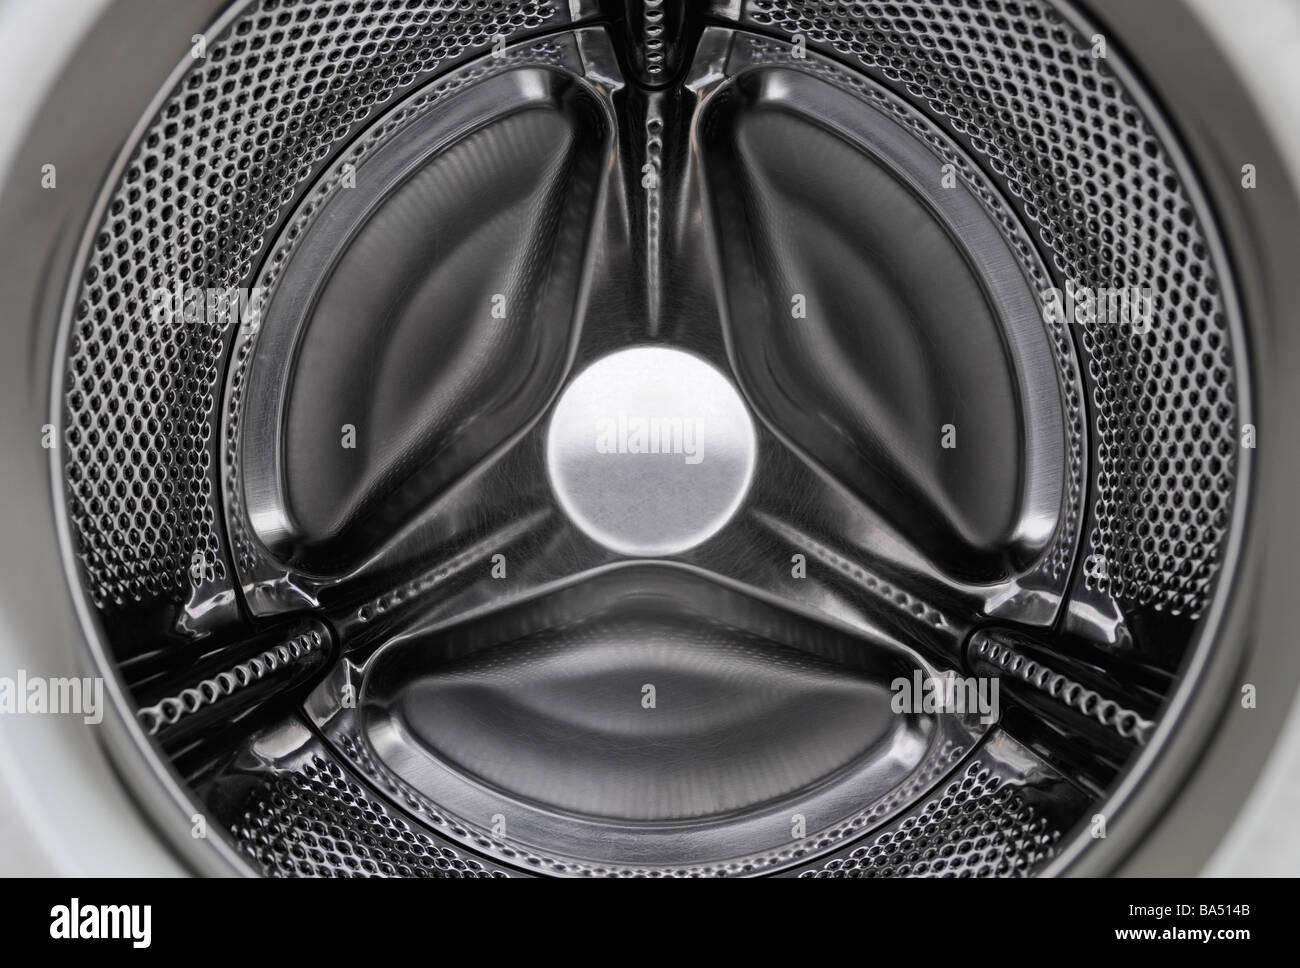 Waschmaschine im Inneren Stockbild